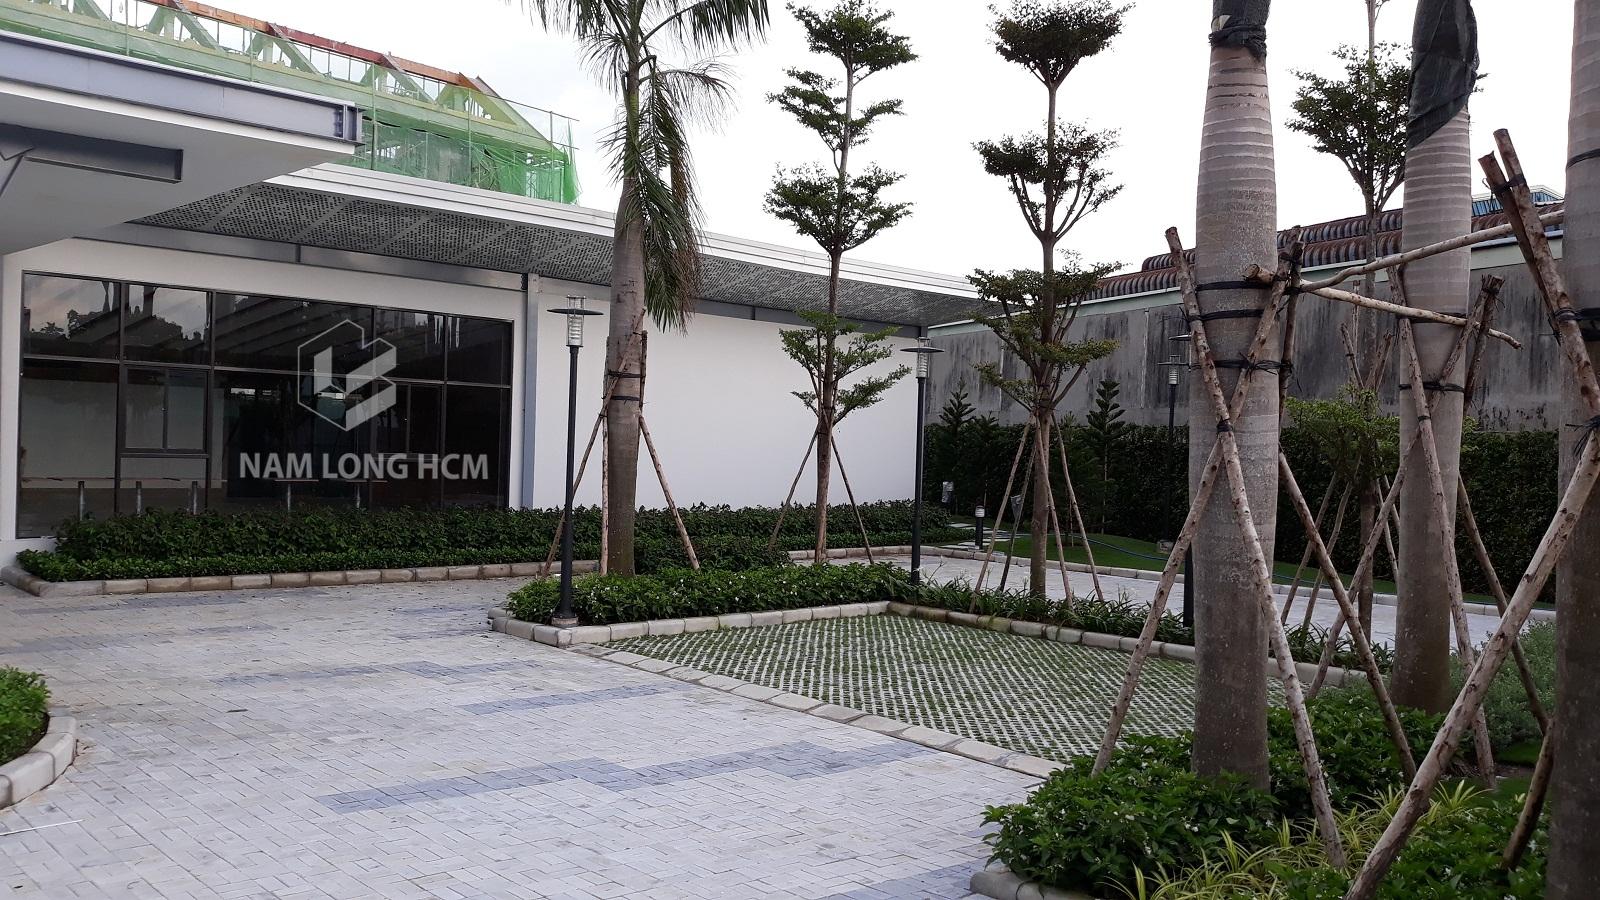 Khuôn viên nhà mẫu dự án Novia Thủ Đức đã lót gạch và trồng cây xanh. Ảnh: Nam Long HCM